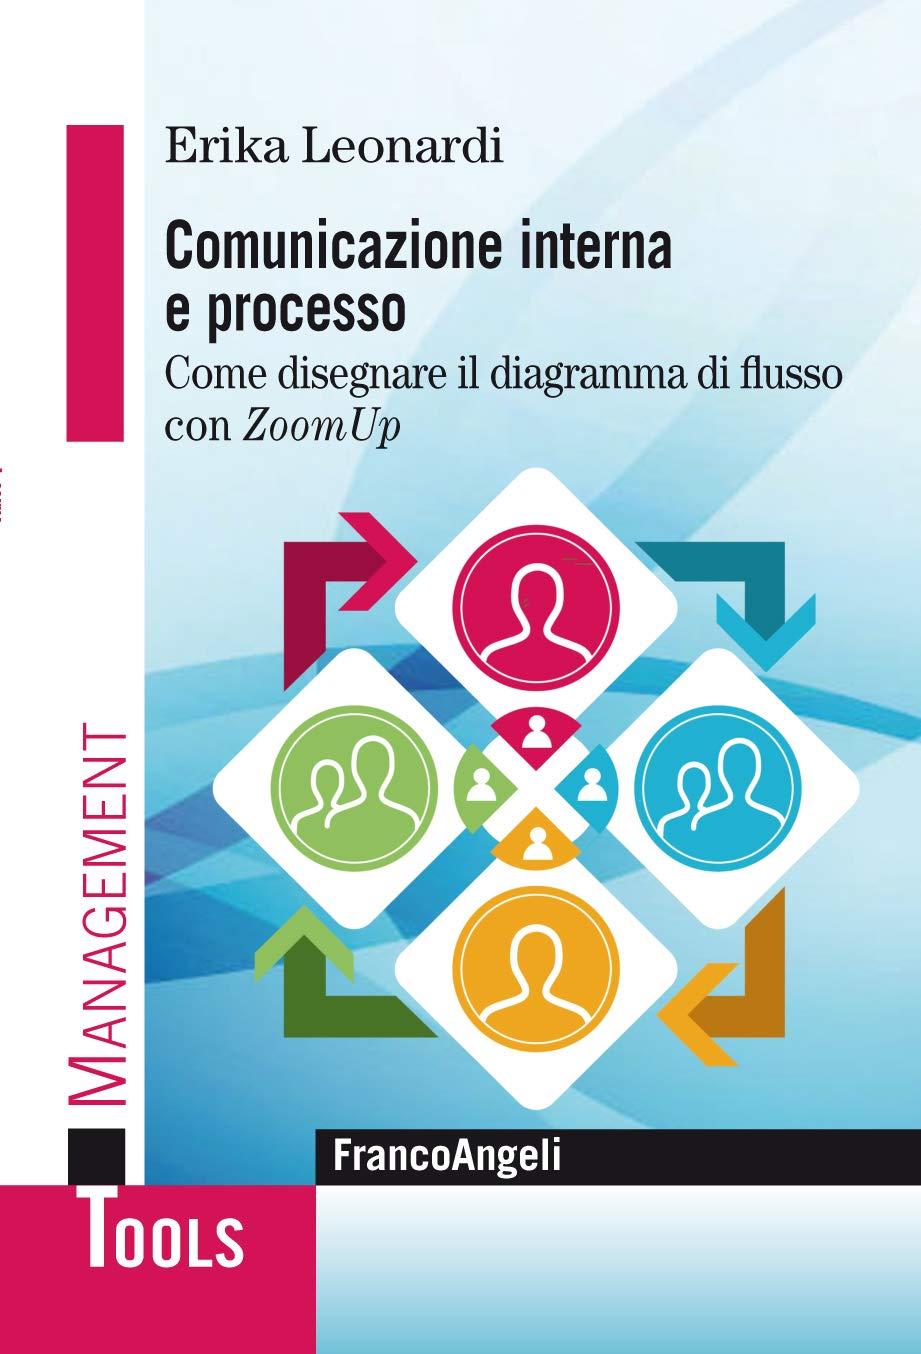 Comunicazione interna e processo: Come disegnare il diagramma di flusso con ZoomUp (Italian Edition)